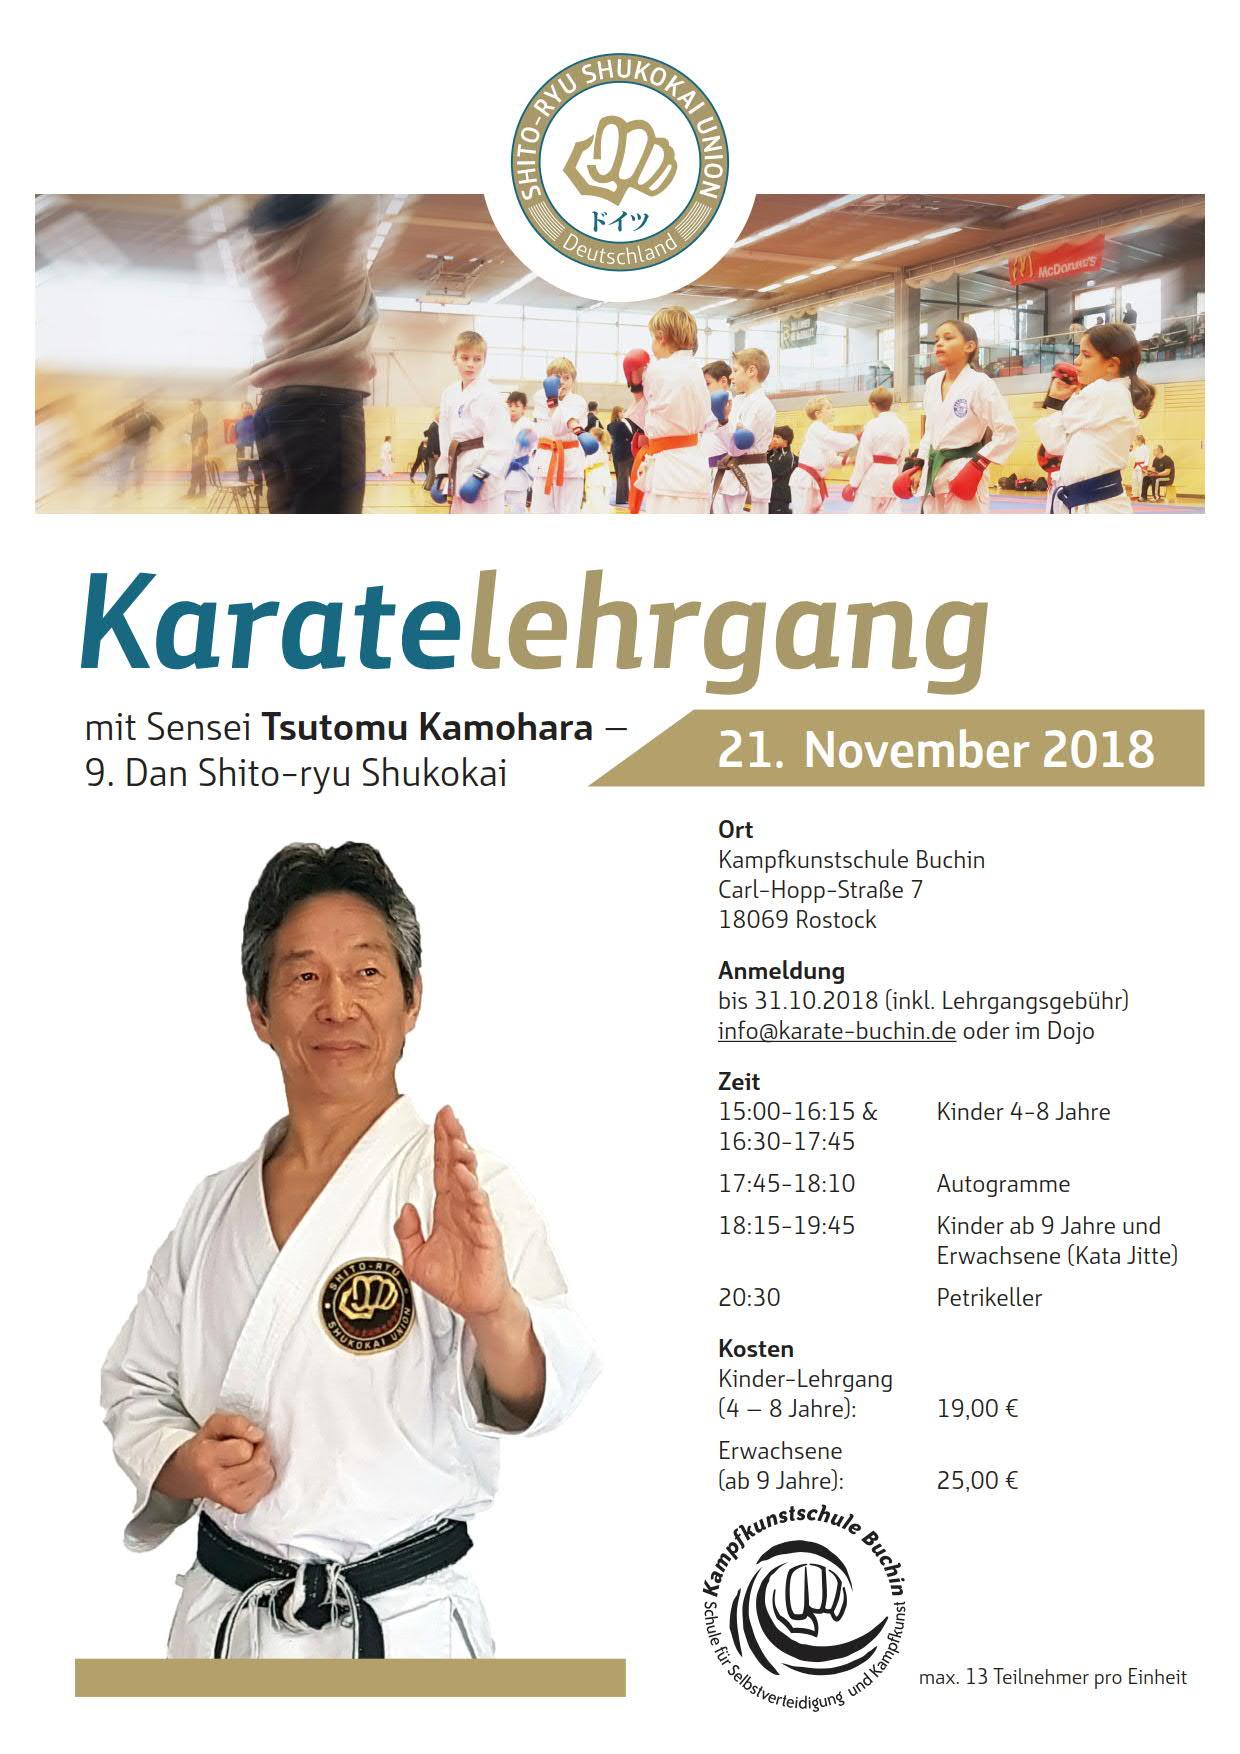 Seminar mit Sensei Kamohara in Rostock!